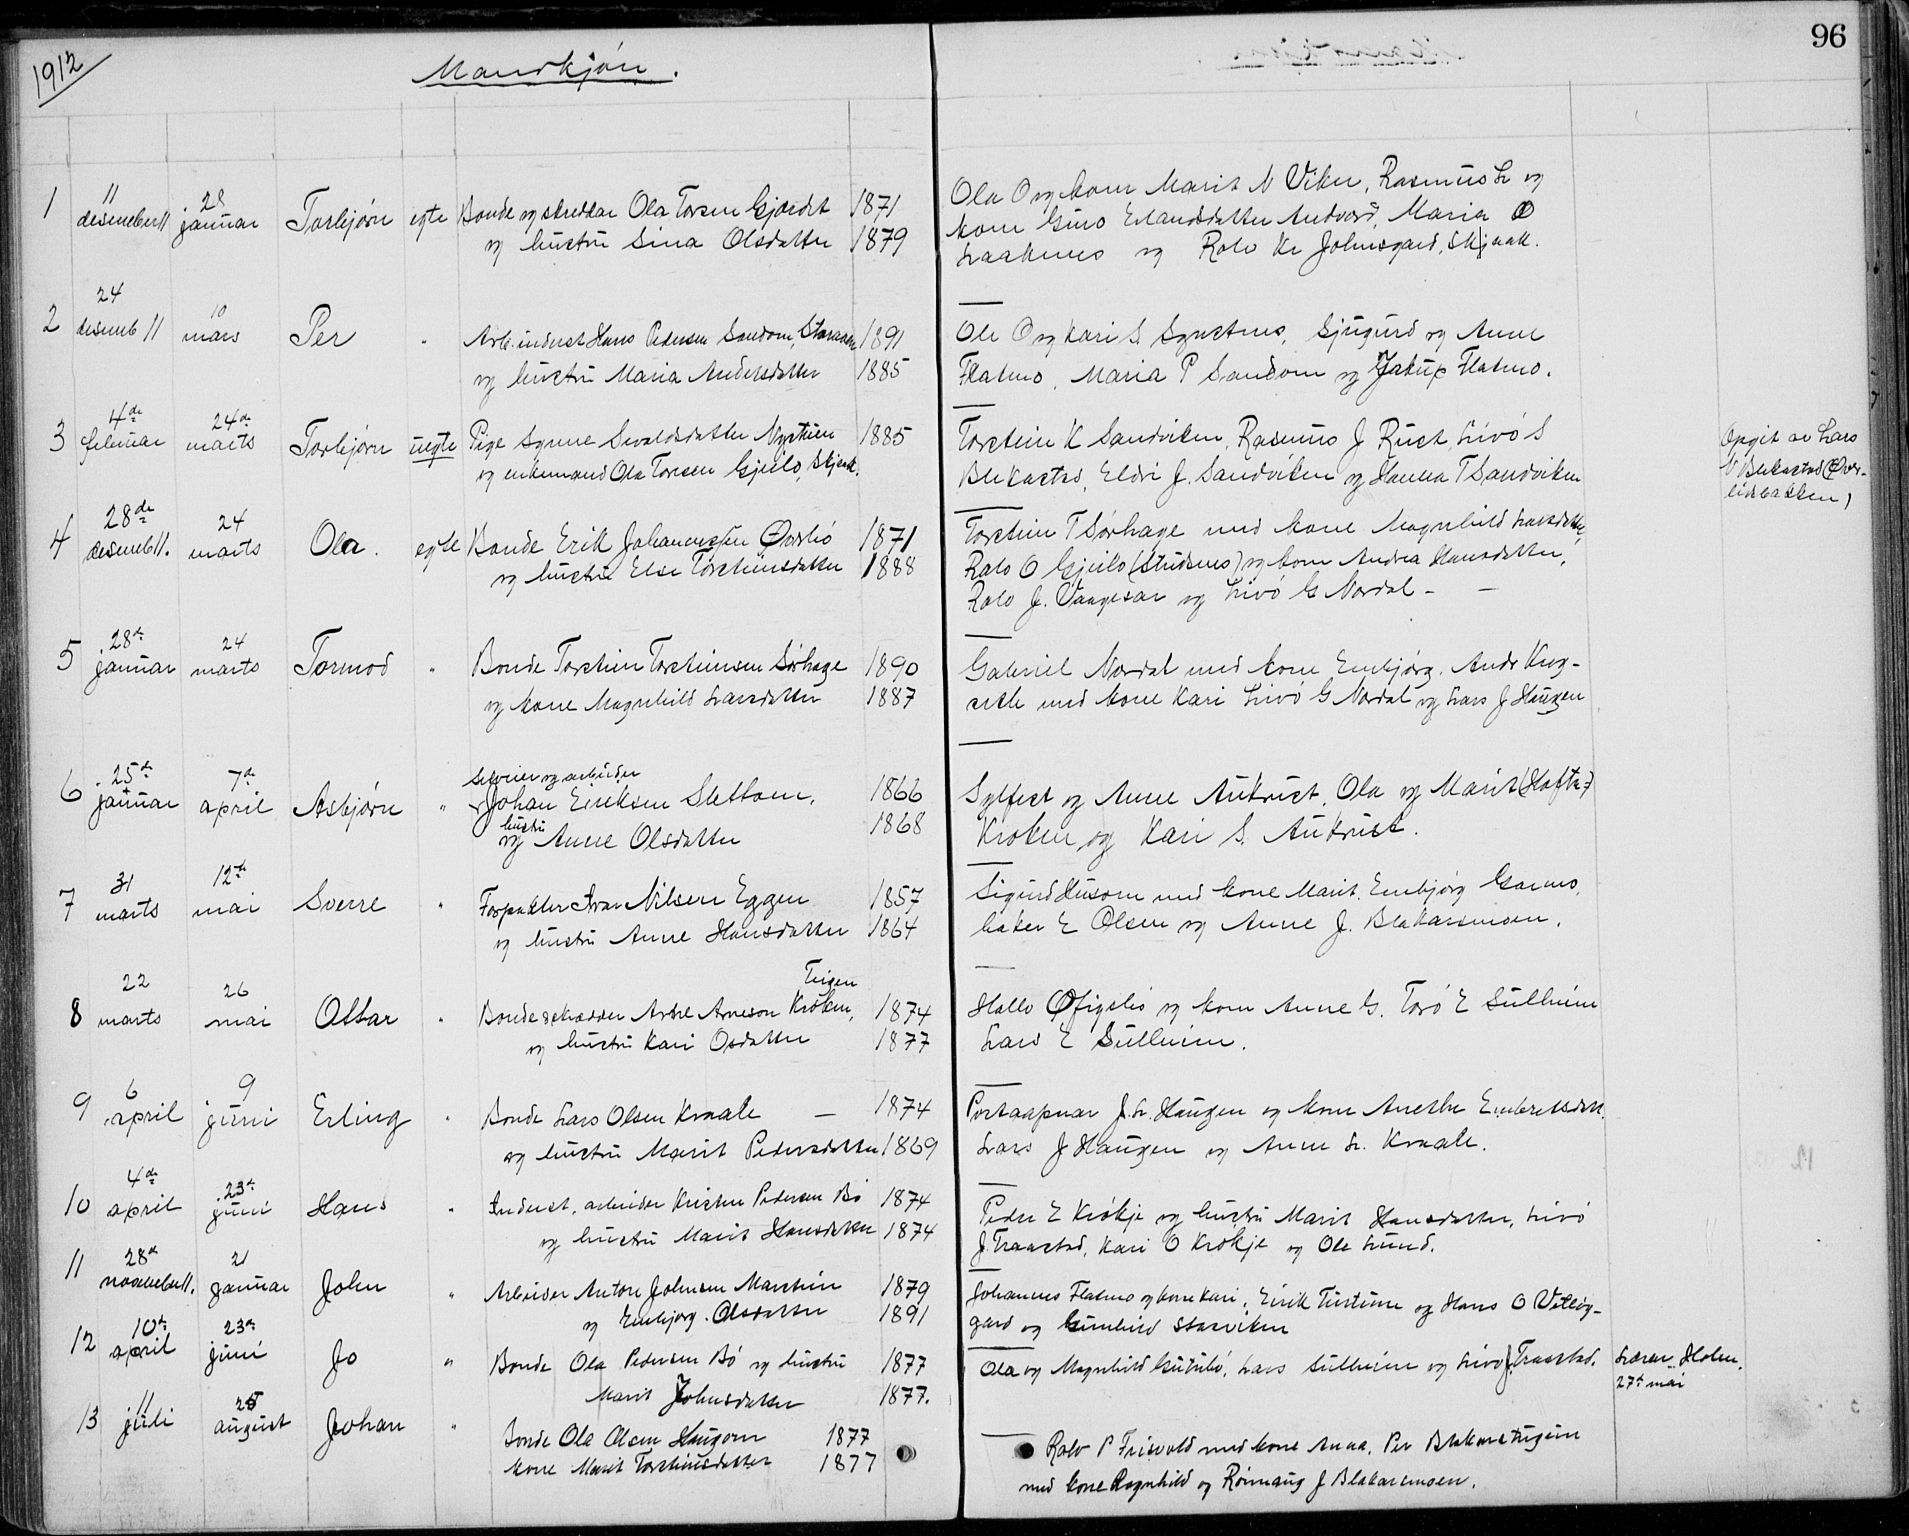 SAH, Lom prestekontor, L/L0013: Klokkerbok nr. 13, 1874-1938, s. 96